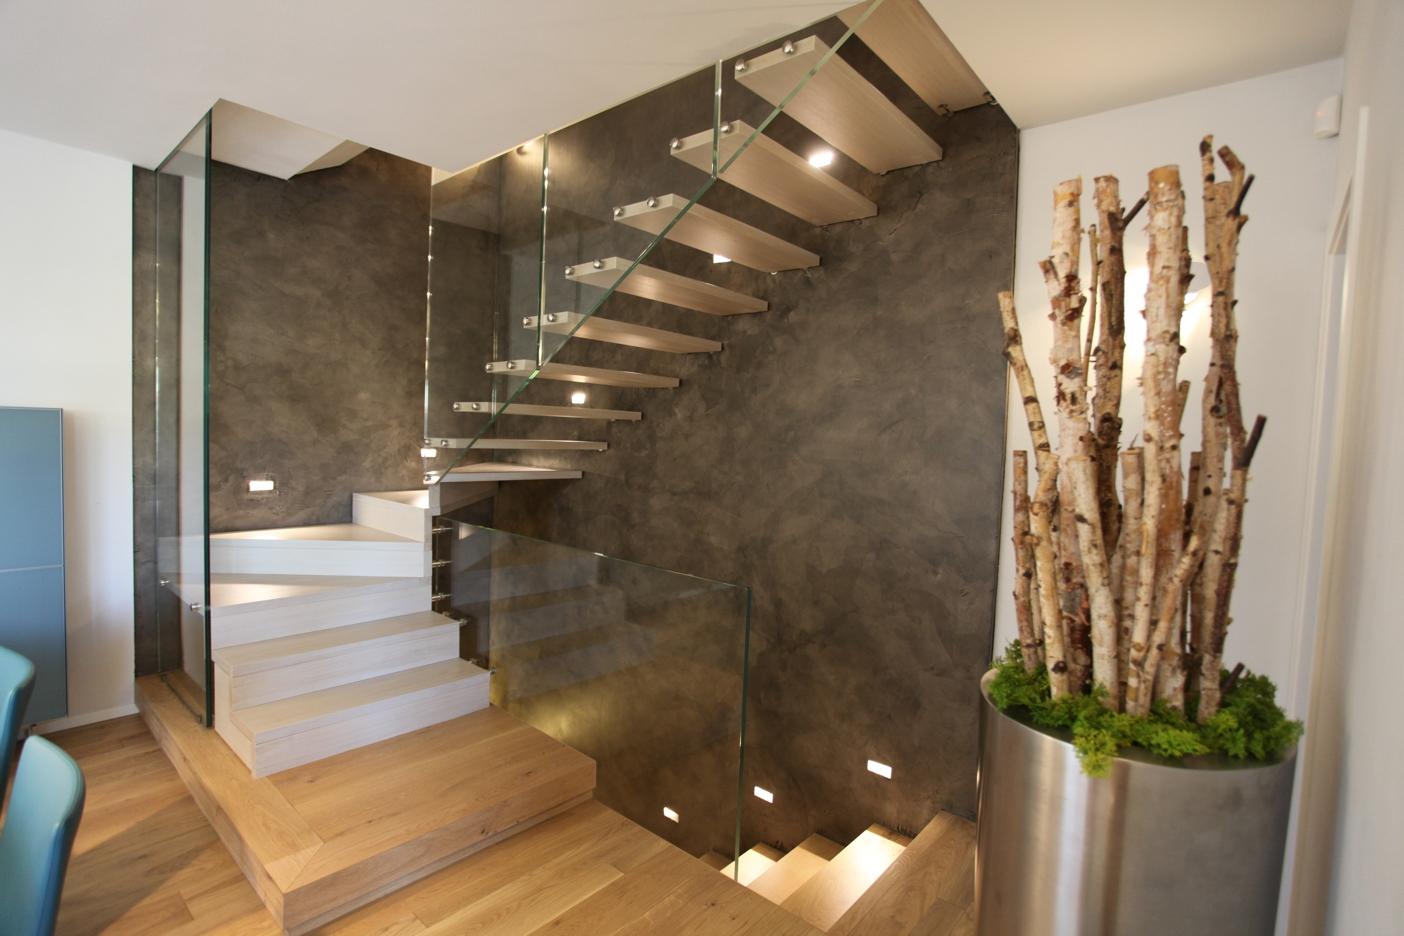 Cinque luoghi ideali in cui istallare le scale a chiocciola - Scale per appartamenti ...